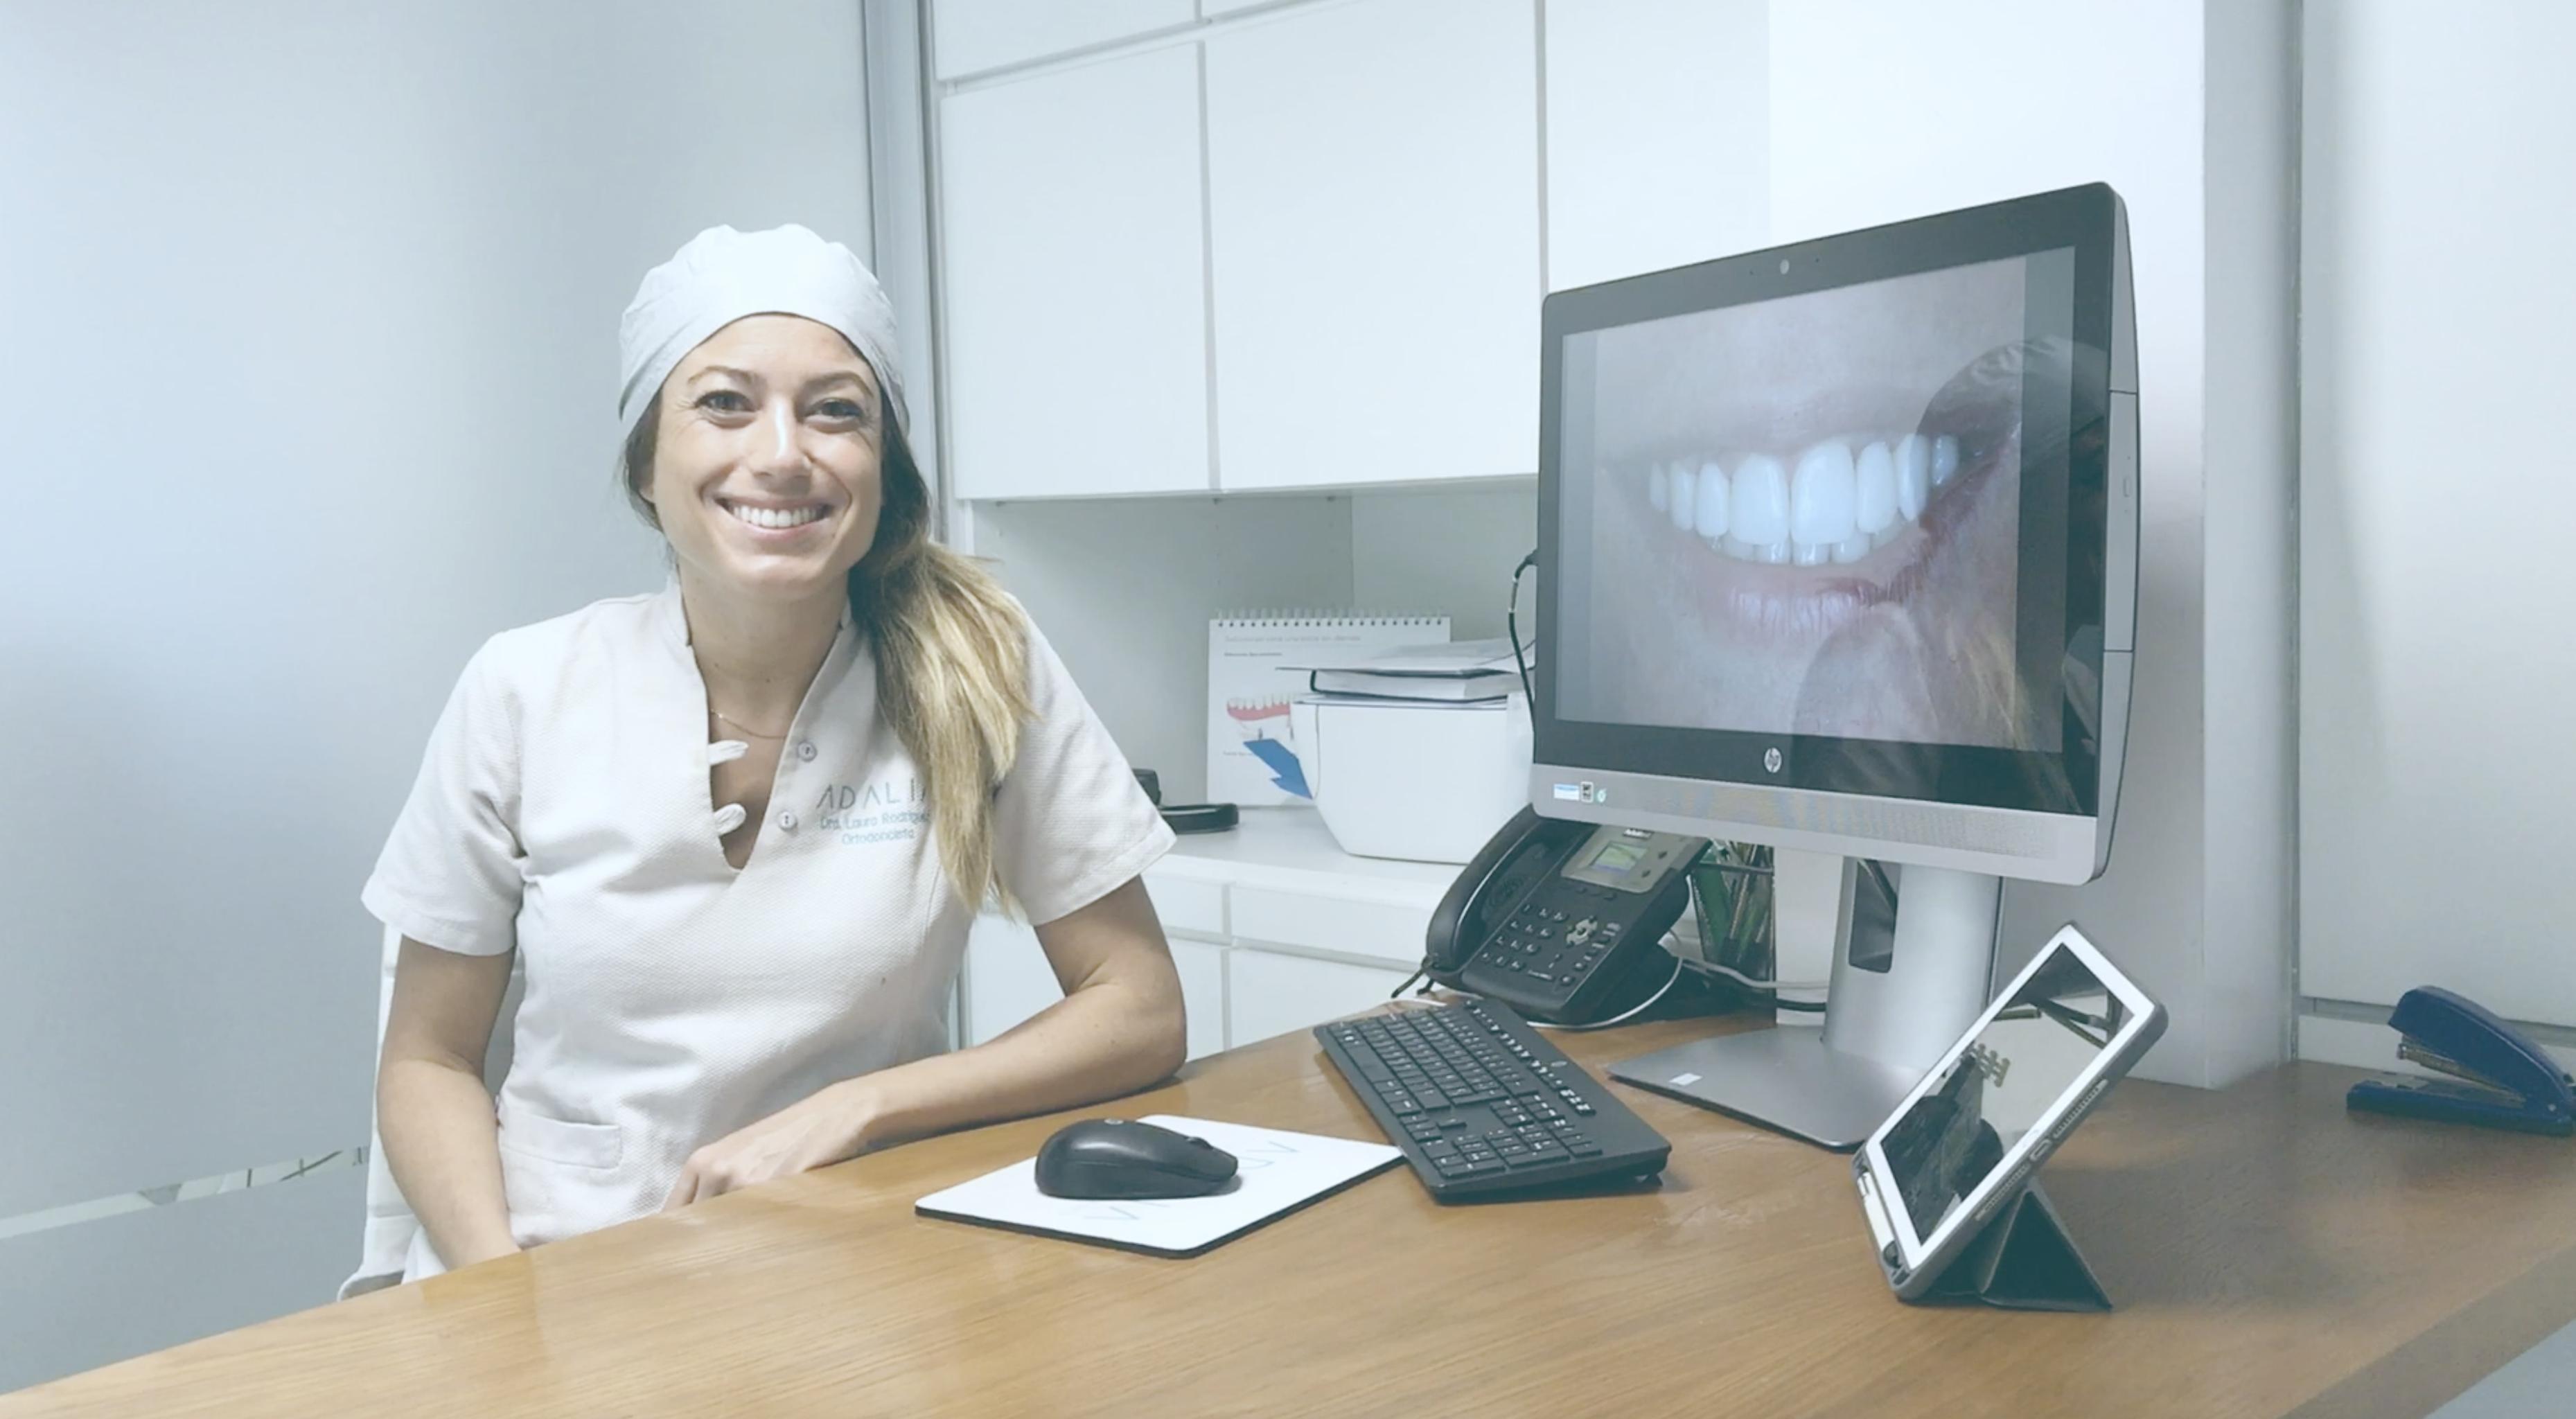 Dra. Laura Rodríguez especialista en ortodoncia en Clínica Dental Adalia